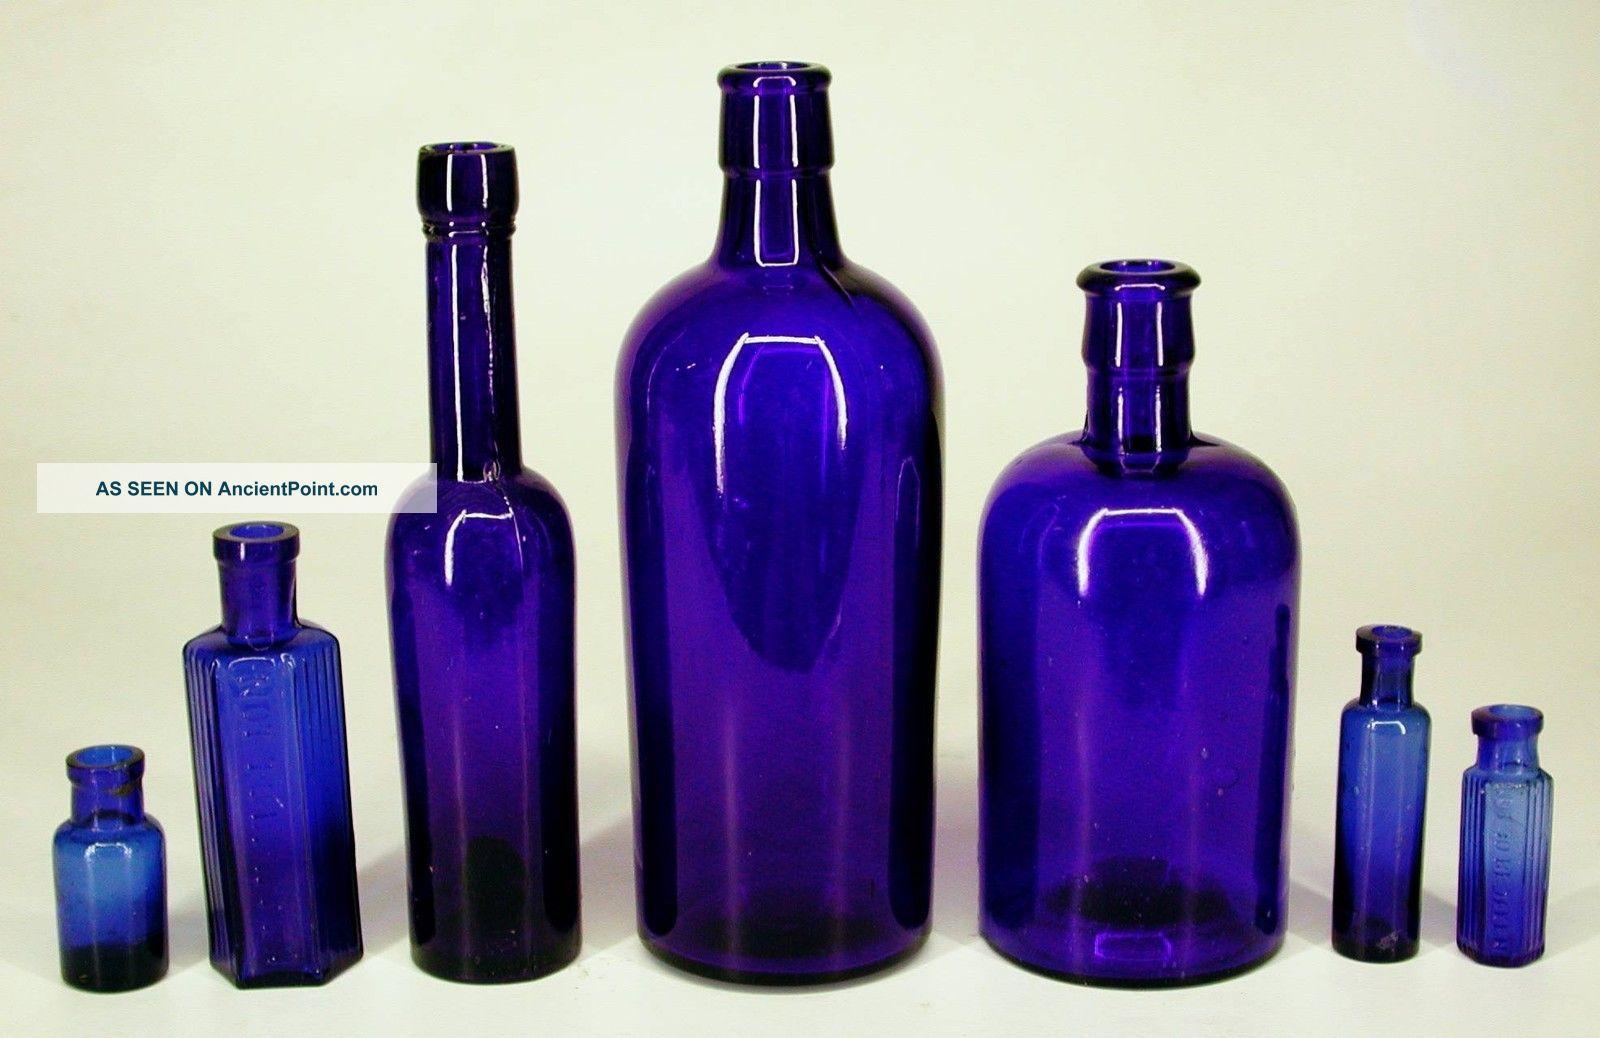 Collection Bulk Lot Antique Cobalt Blue Glass Chemist Poison Apothecary Bottles Science & Medicine (Pre-1930) photo